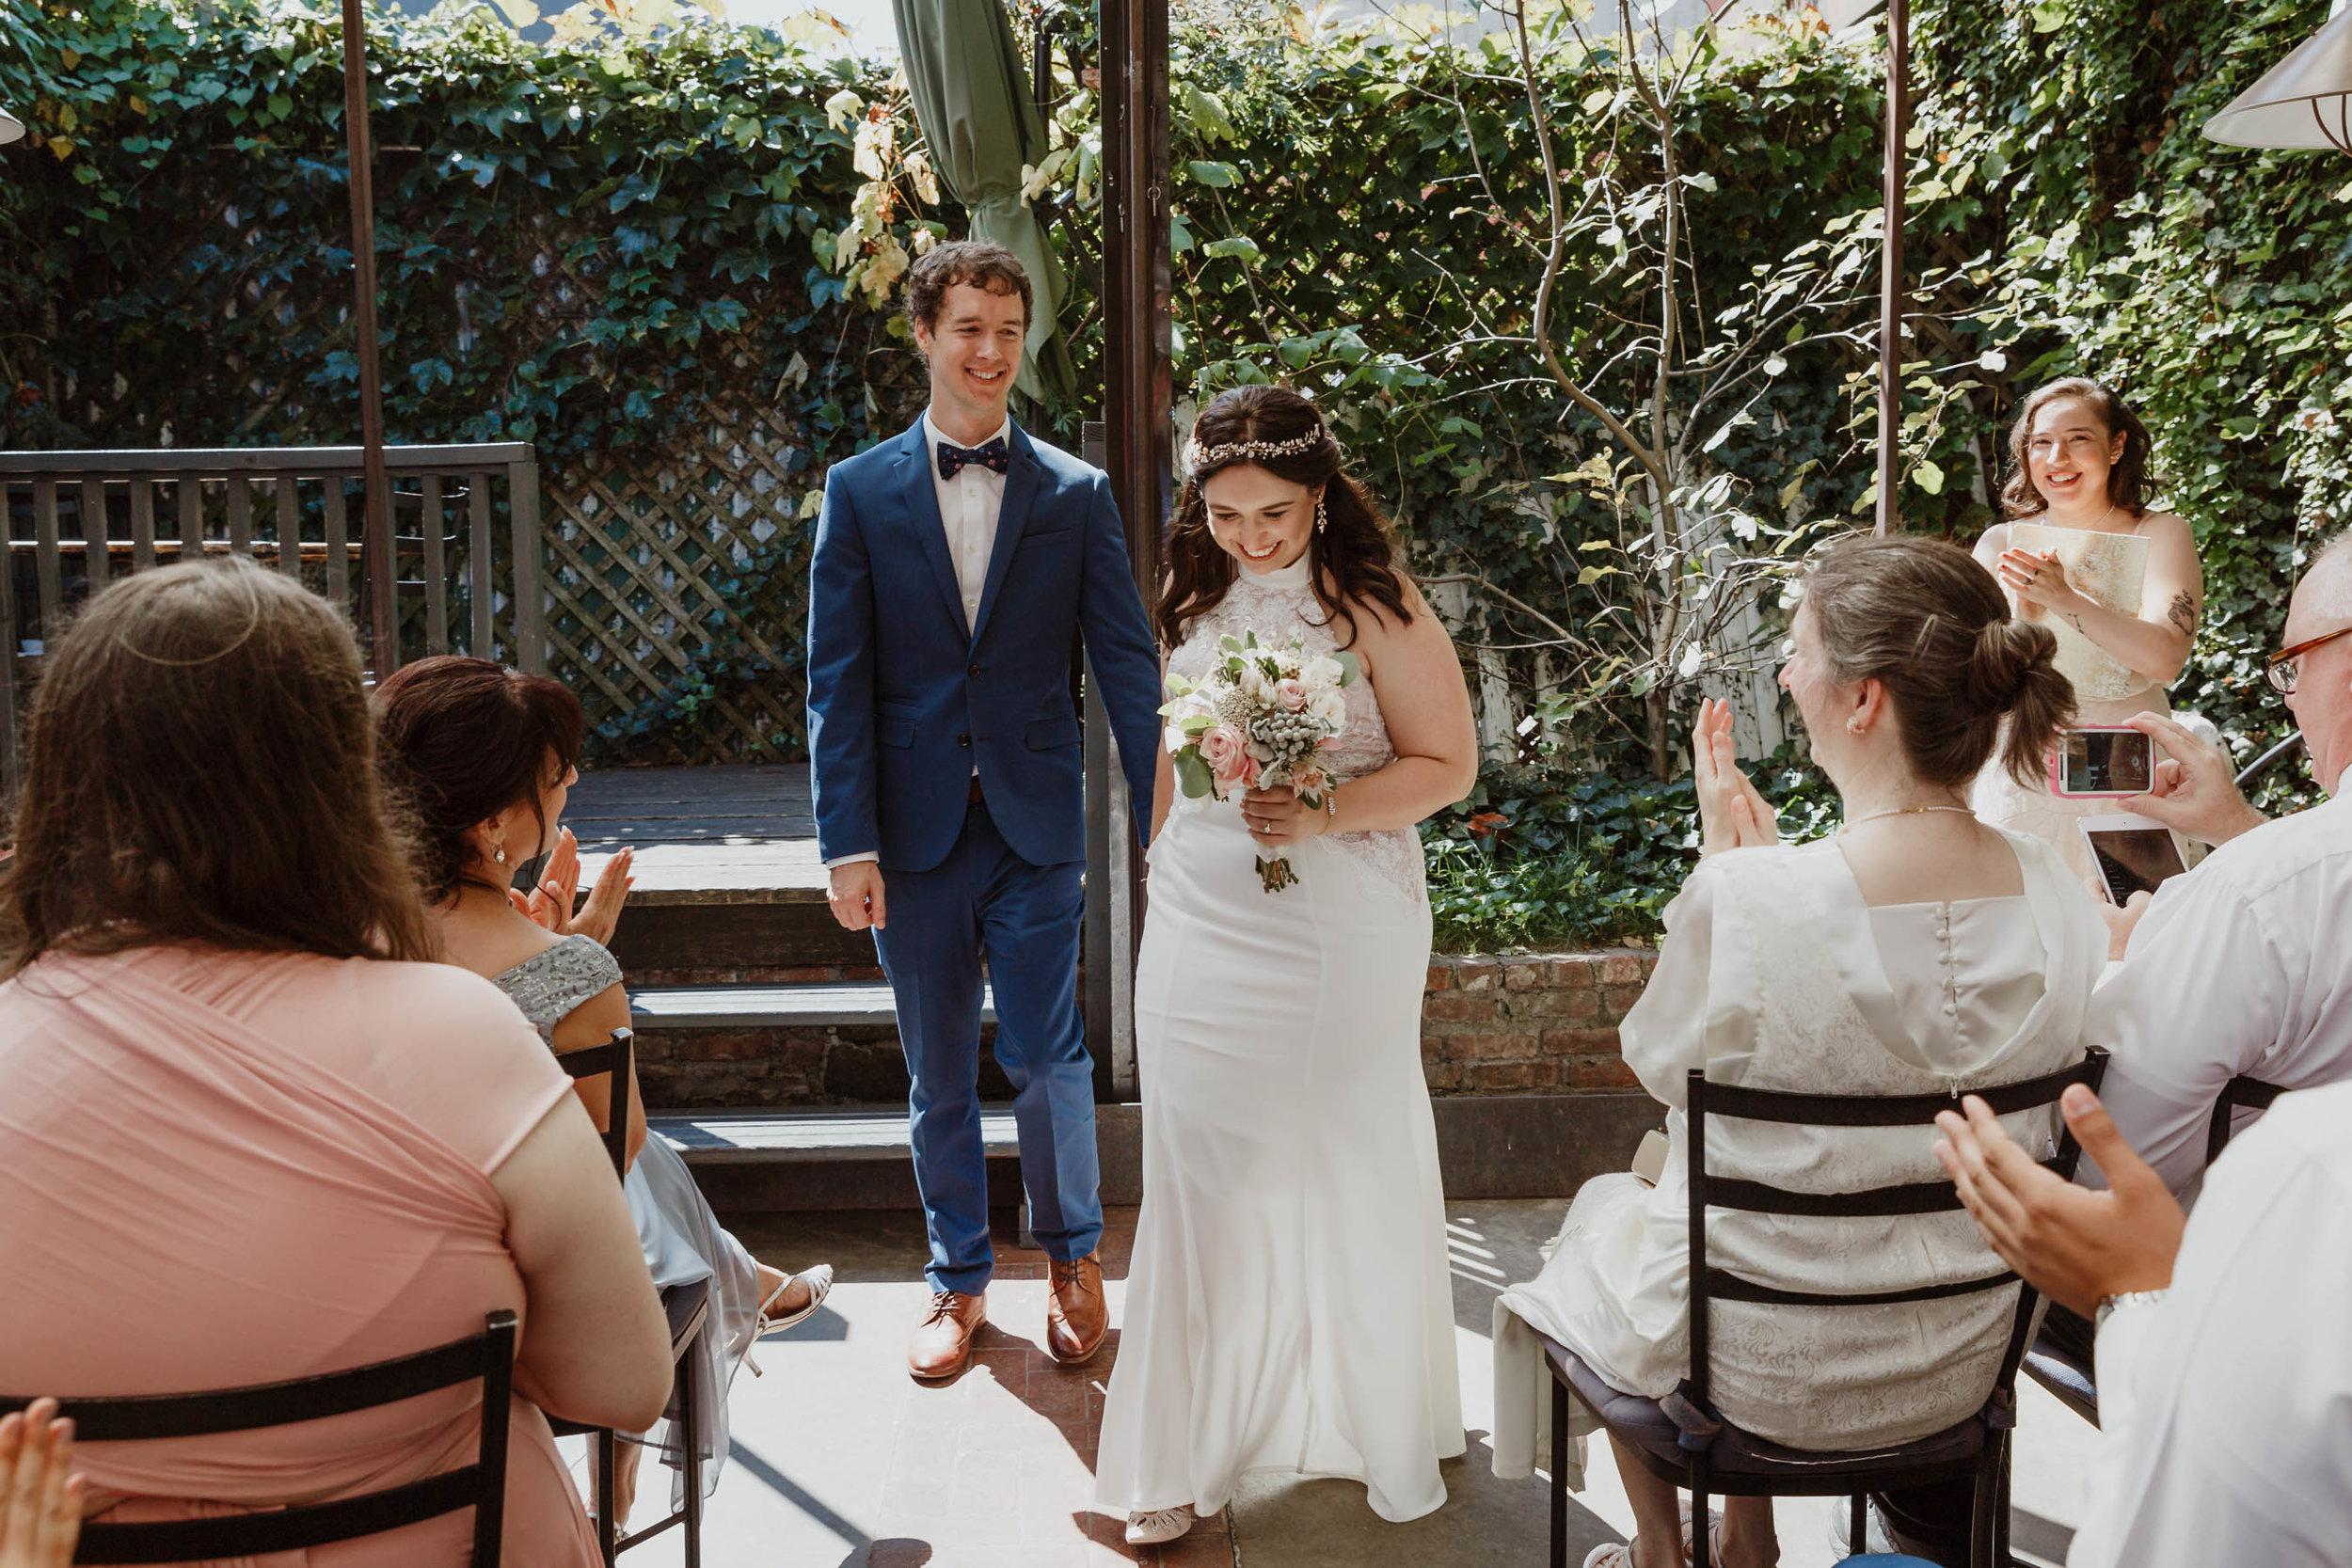 aurora-restaurant-wedding-photographer-elizabeth-tsung-photo-53.jpg